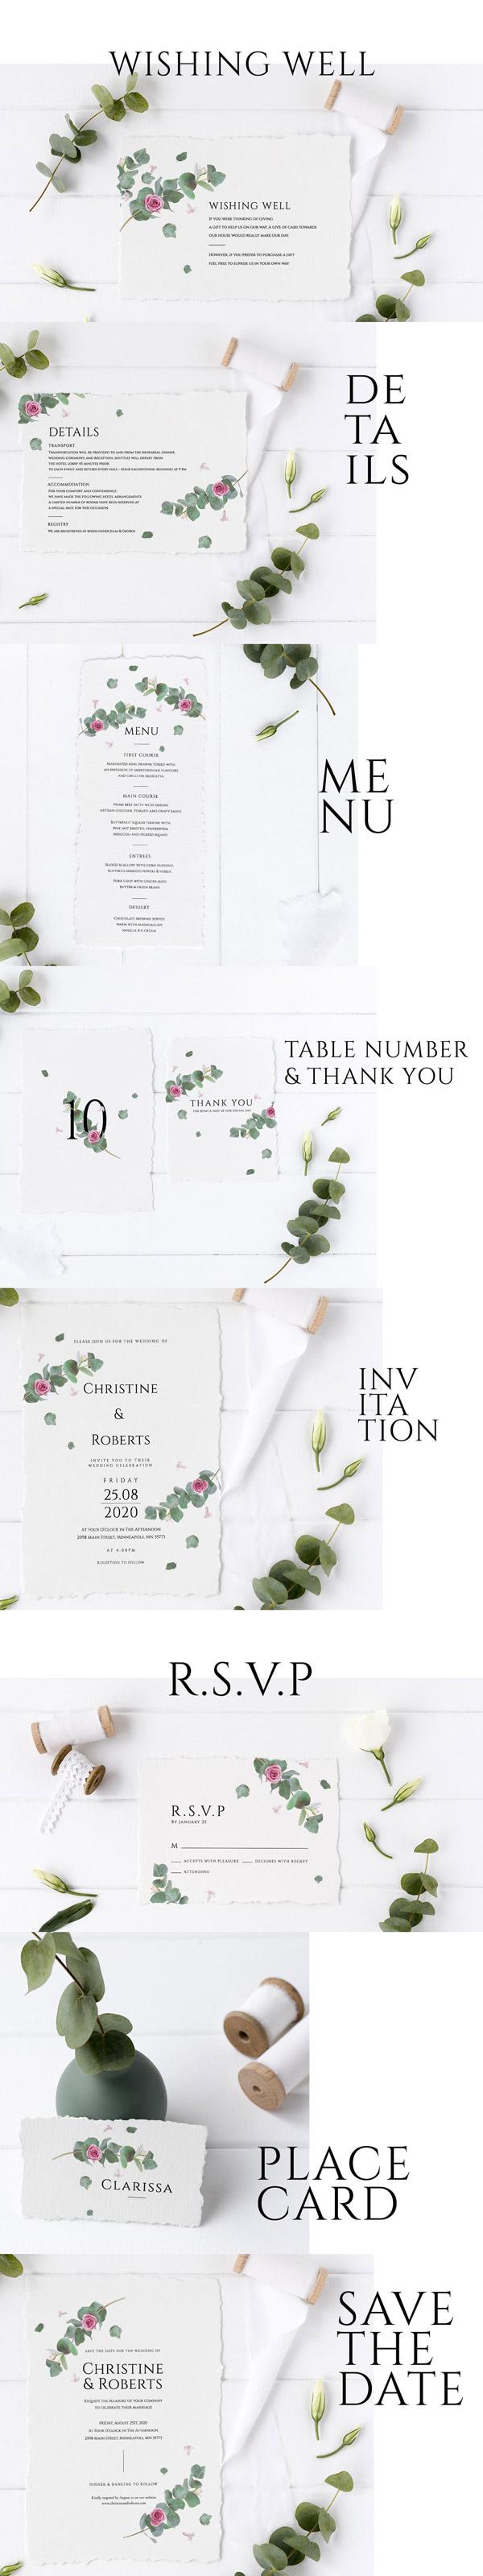 婚礼邀请设计套装